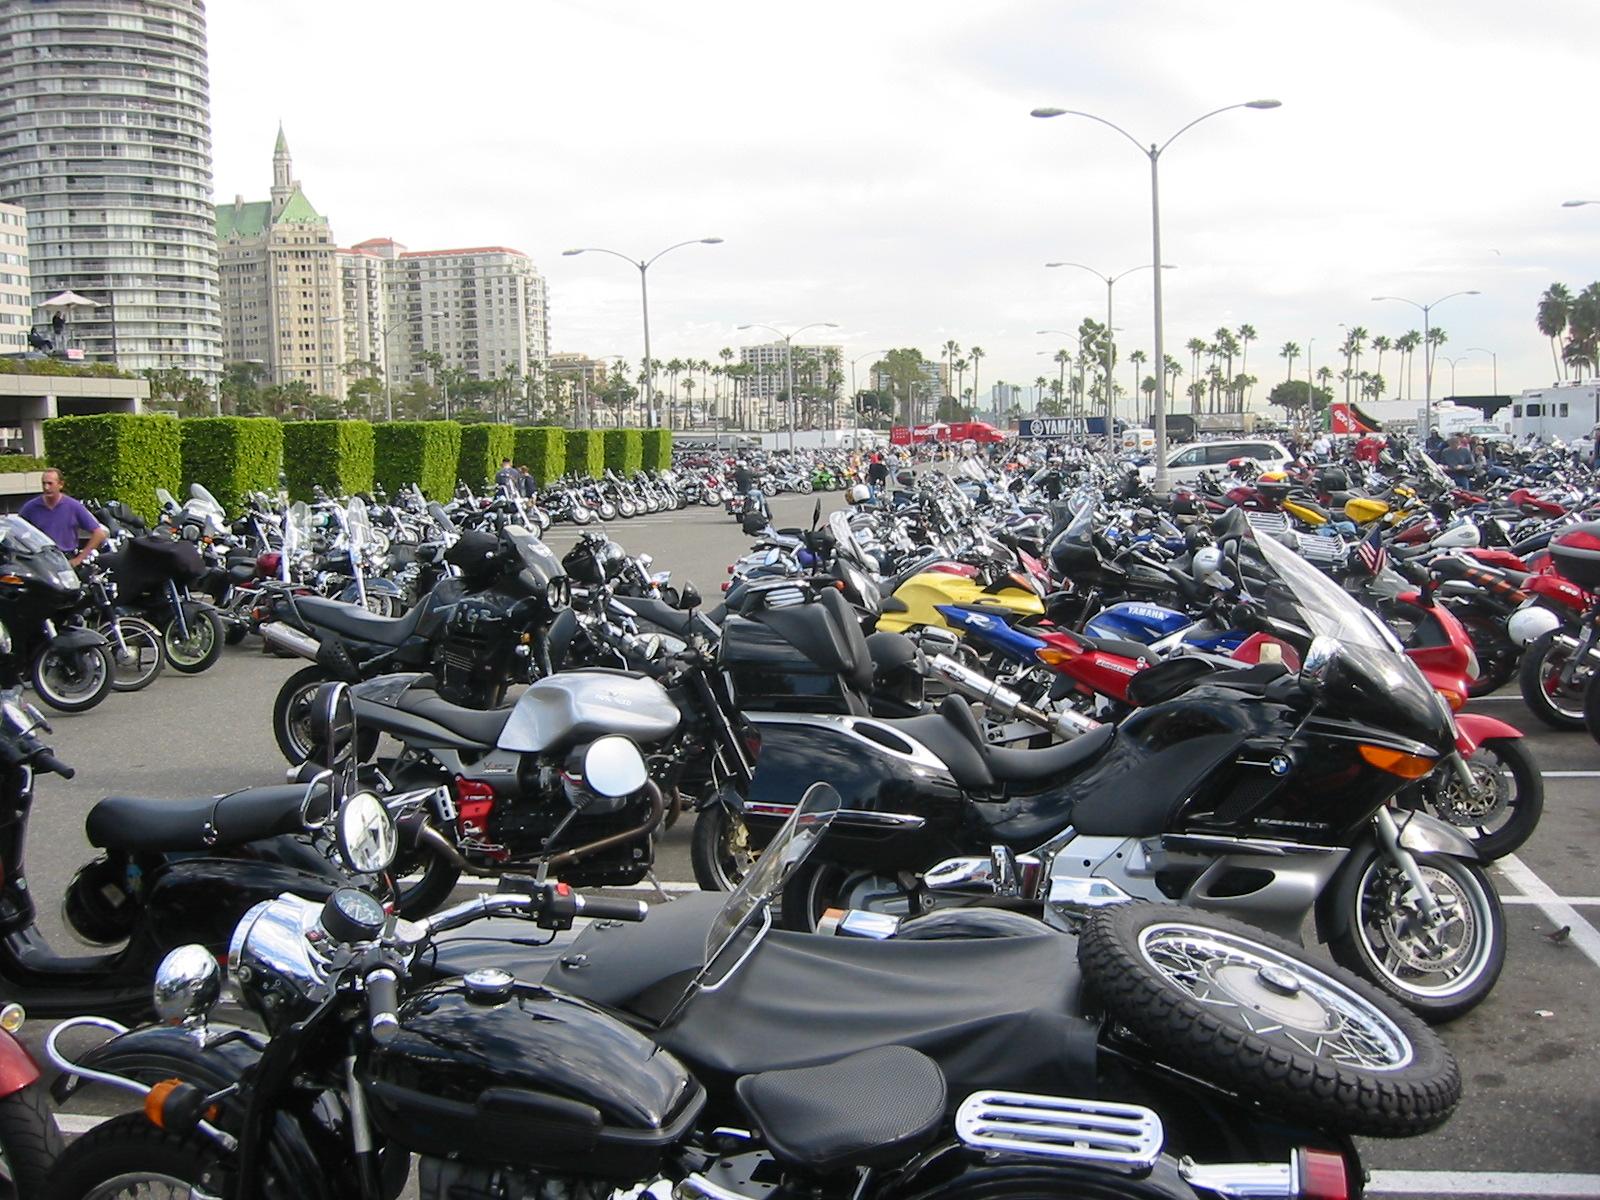 International Motorcycle Show Long Beach D Att Socal Riders International Motorcycle Show Long